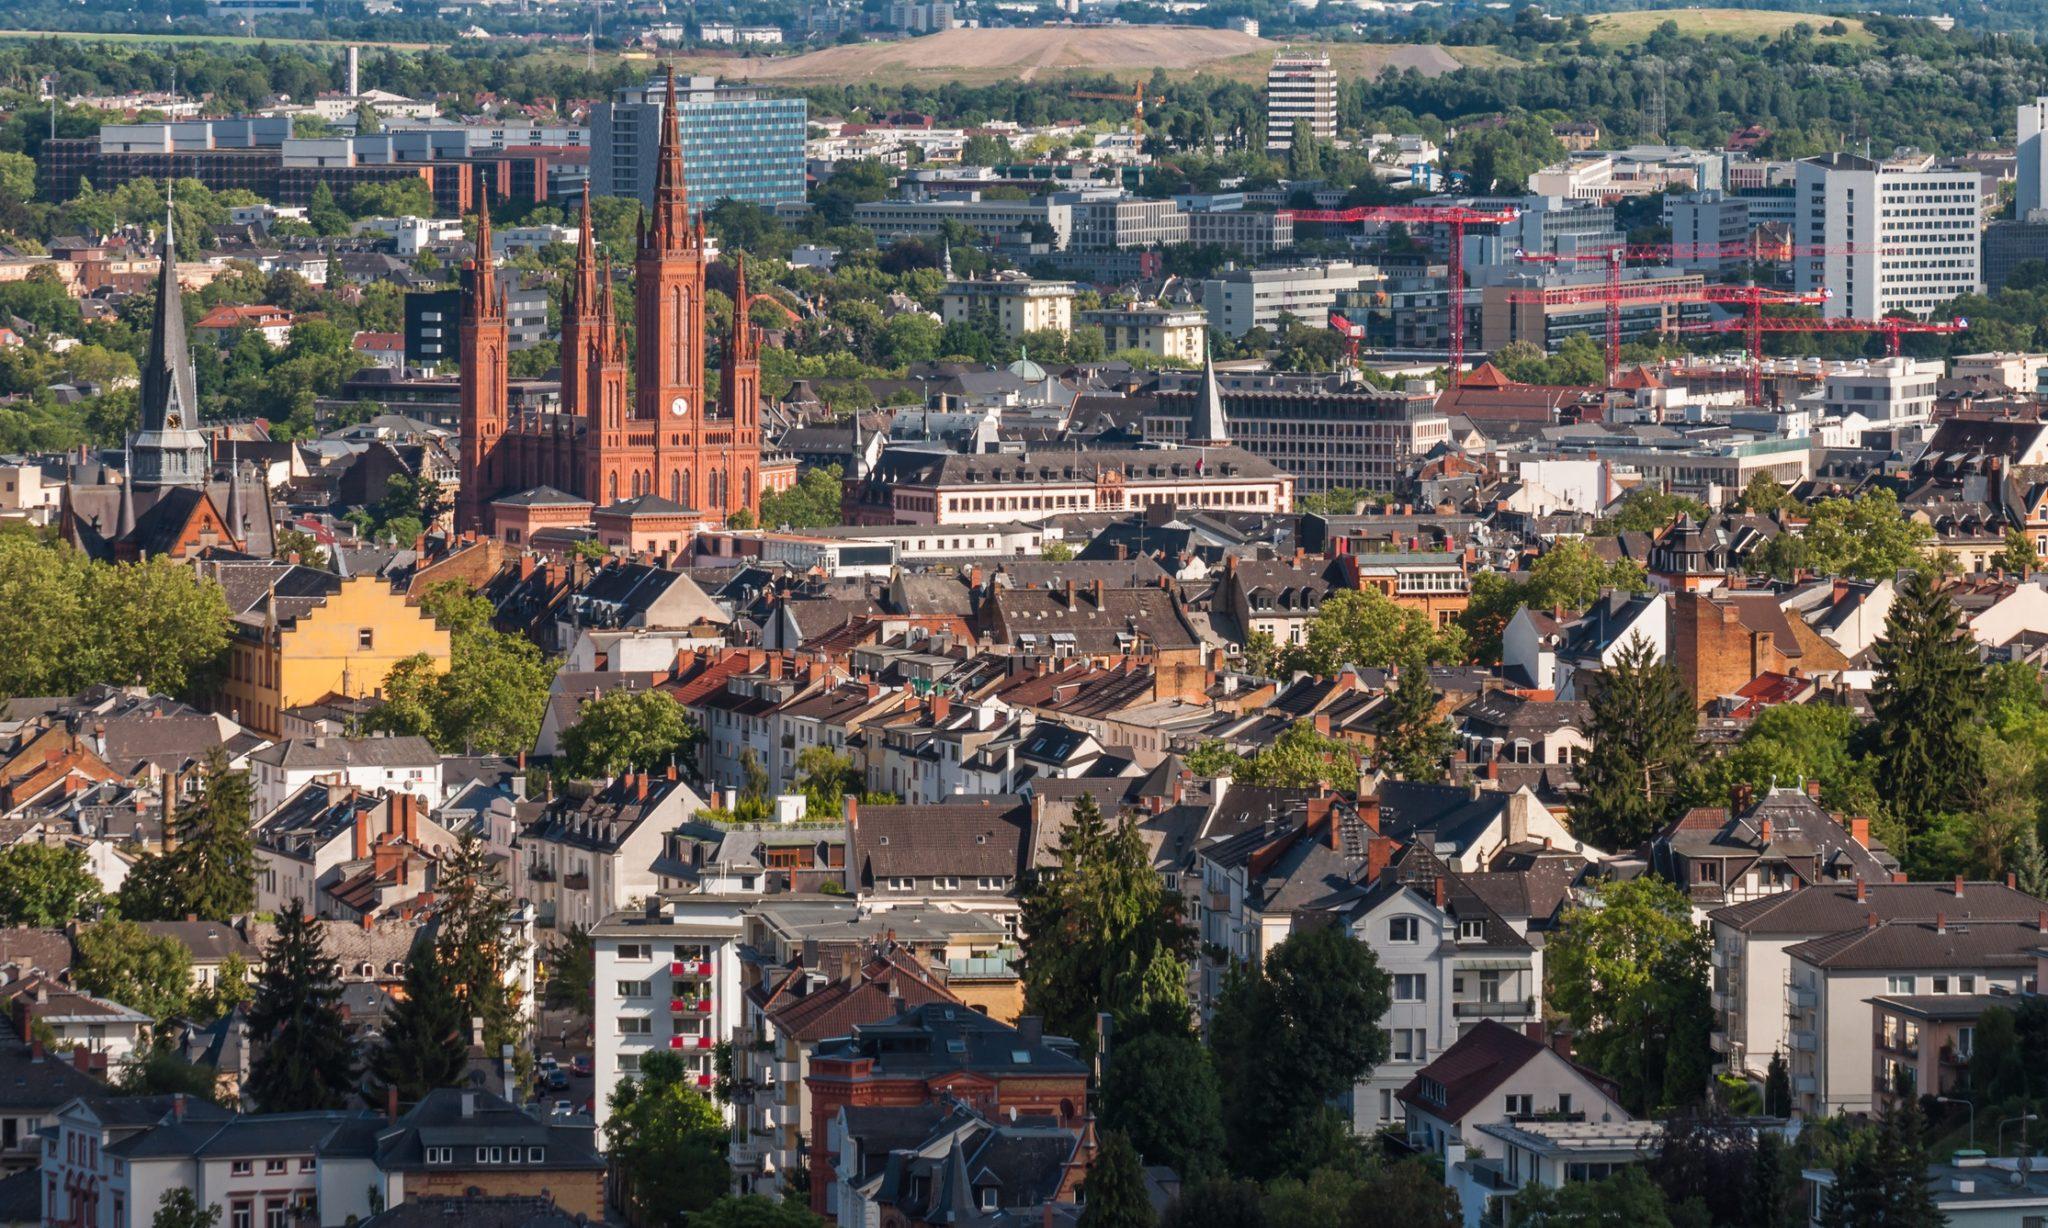 Haushaltsauflösung und Entrümpelung in Wiesbaden